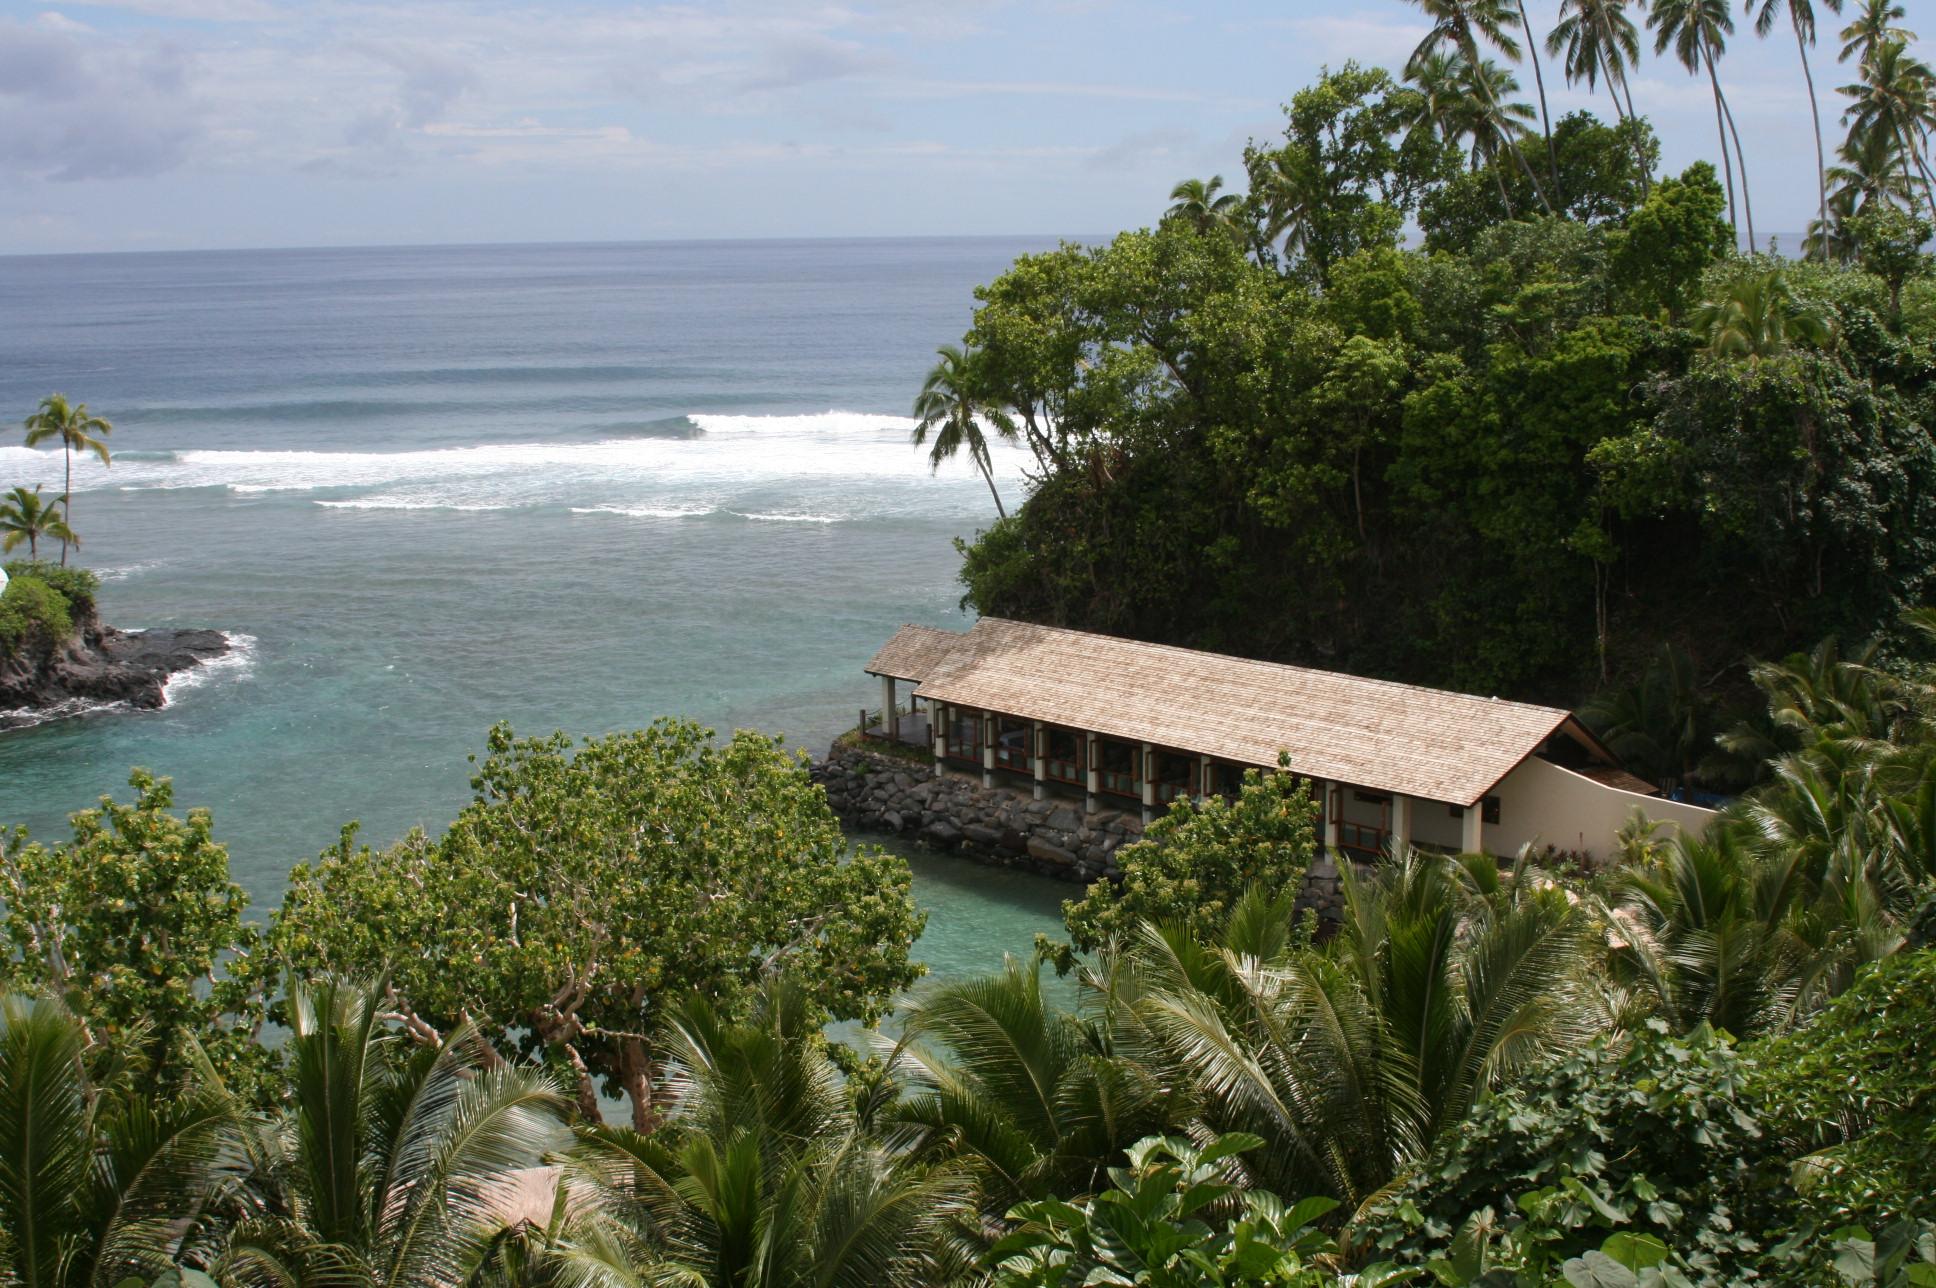 seabreeze resort aufagna south coast samoa 04.jpg